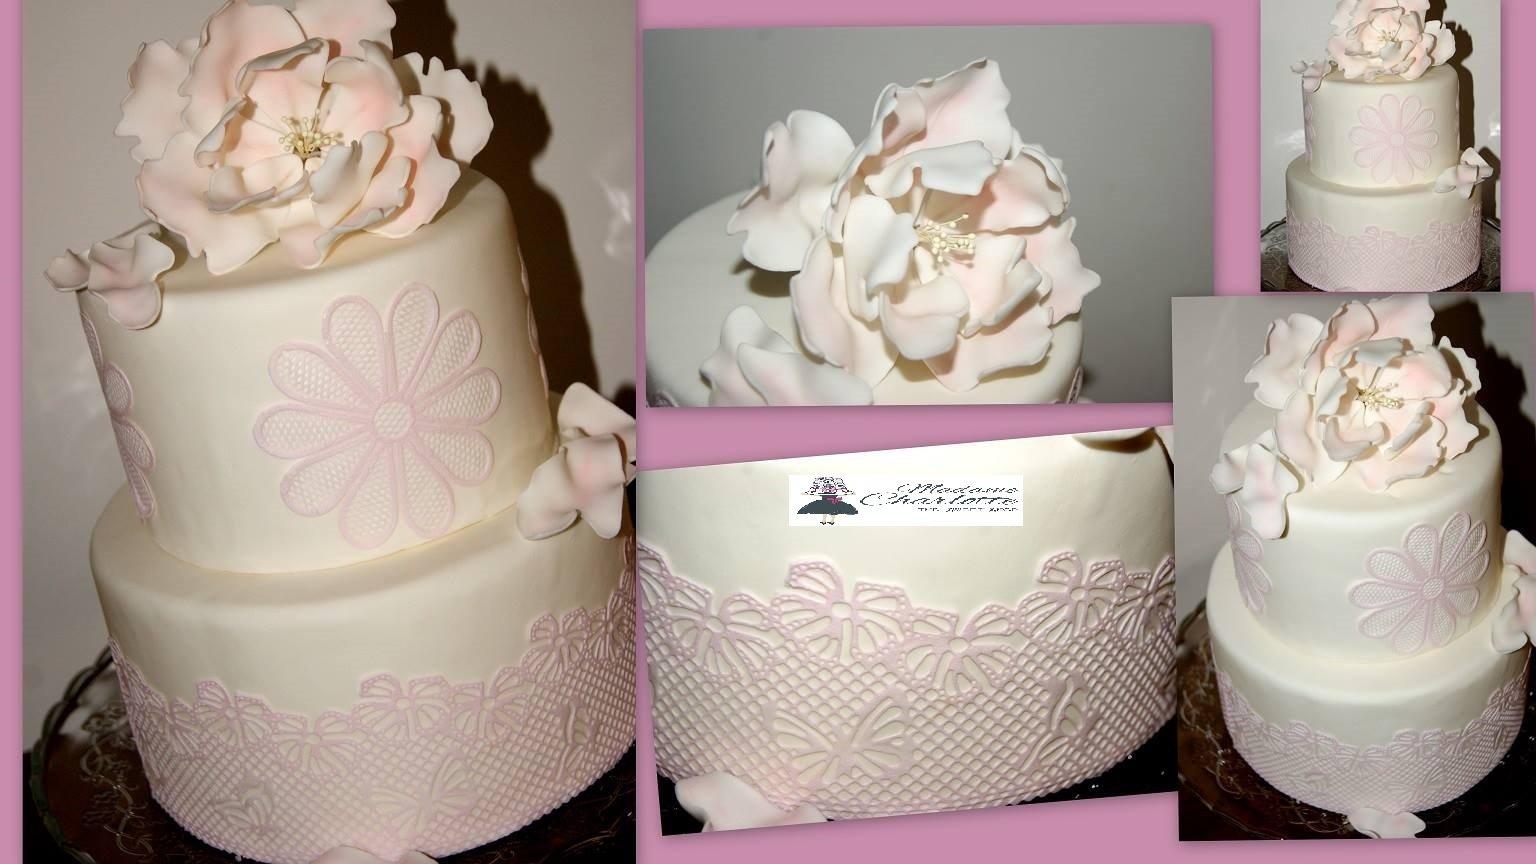 τούρτα γάμου από ζαχαρόπαστα λουλούδι και δαντέλα απο ζαχαροπαστα, Ζαχαροπλαστειο καλαματα madame charlotte, wedding cakes kalamata